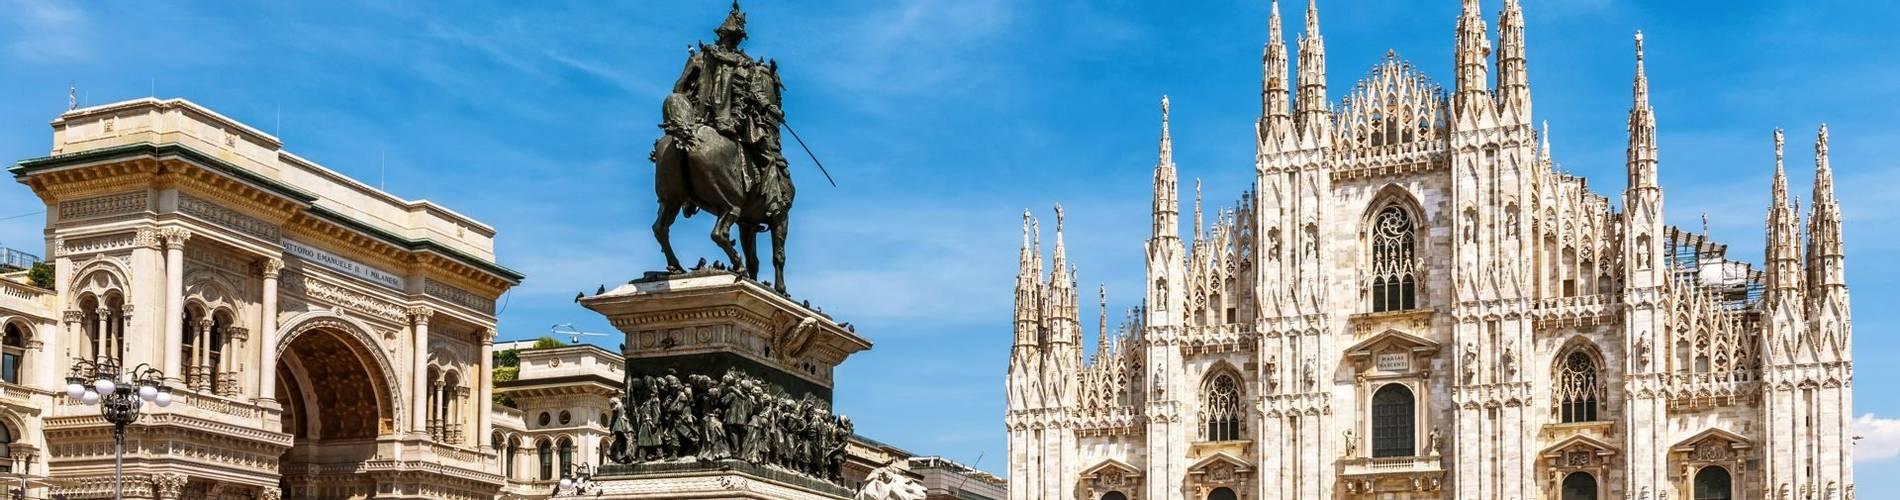 Milan .jpg